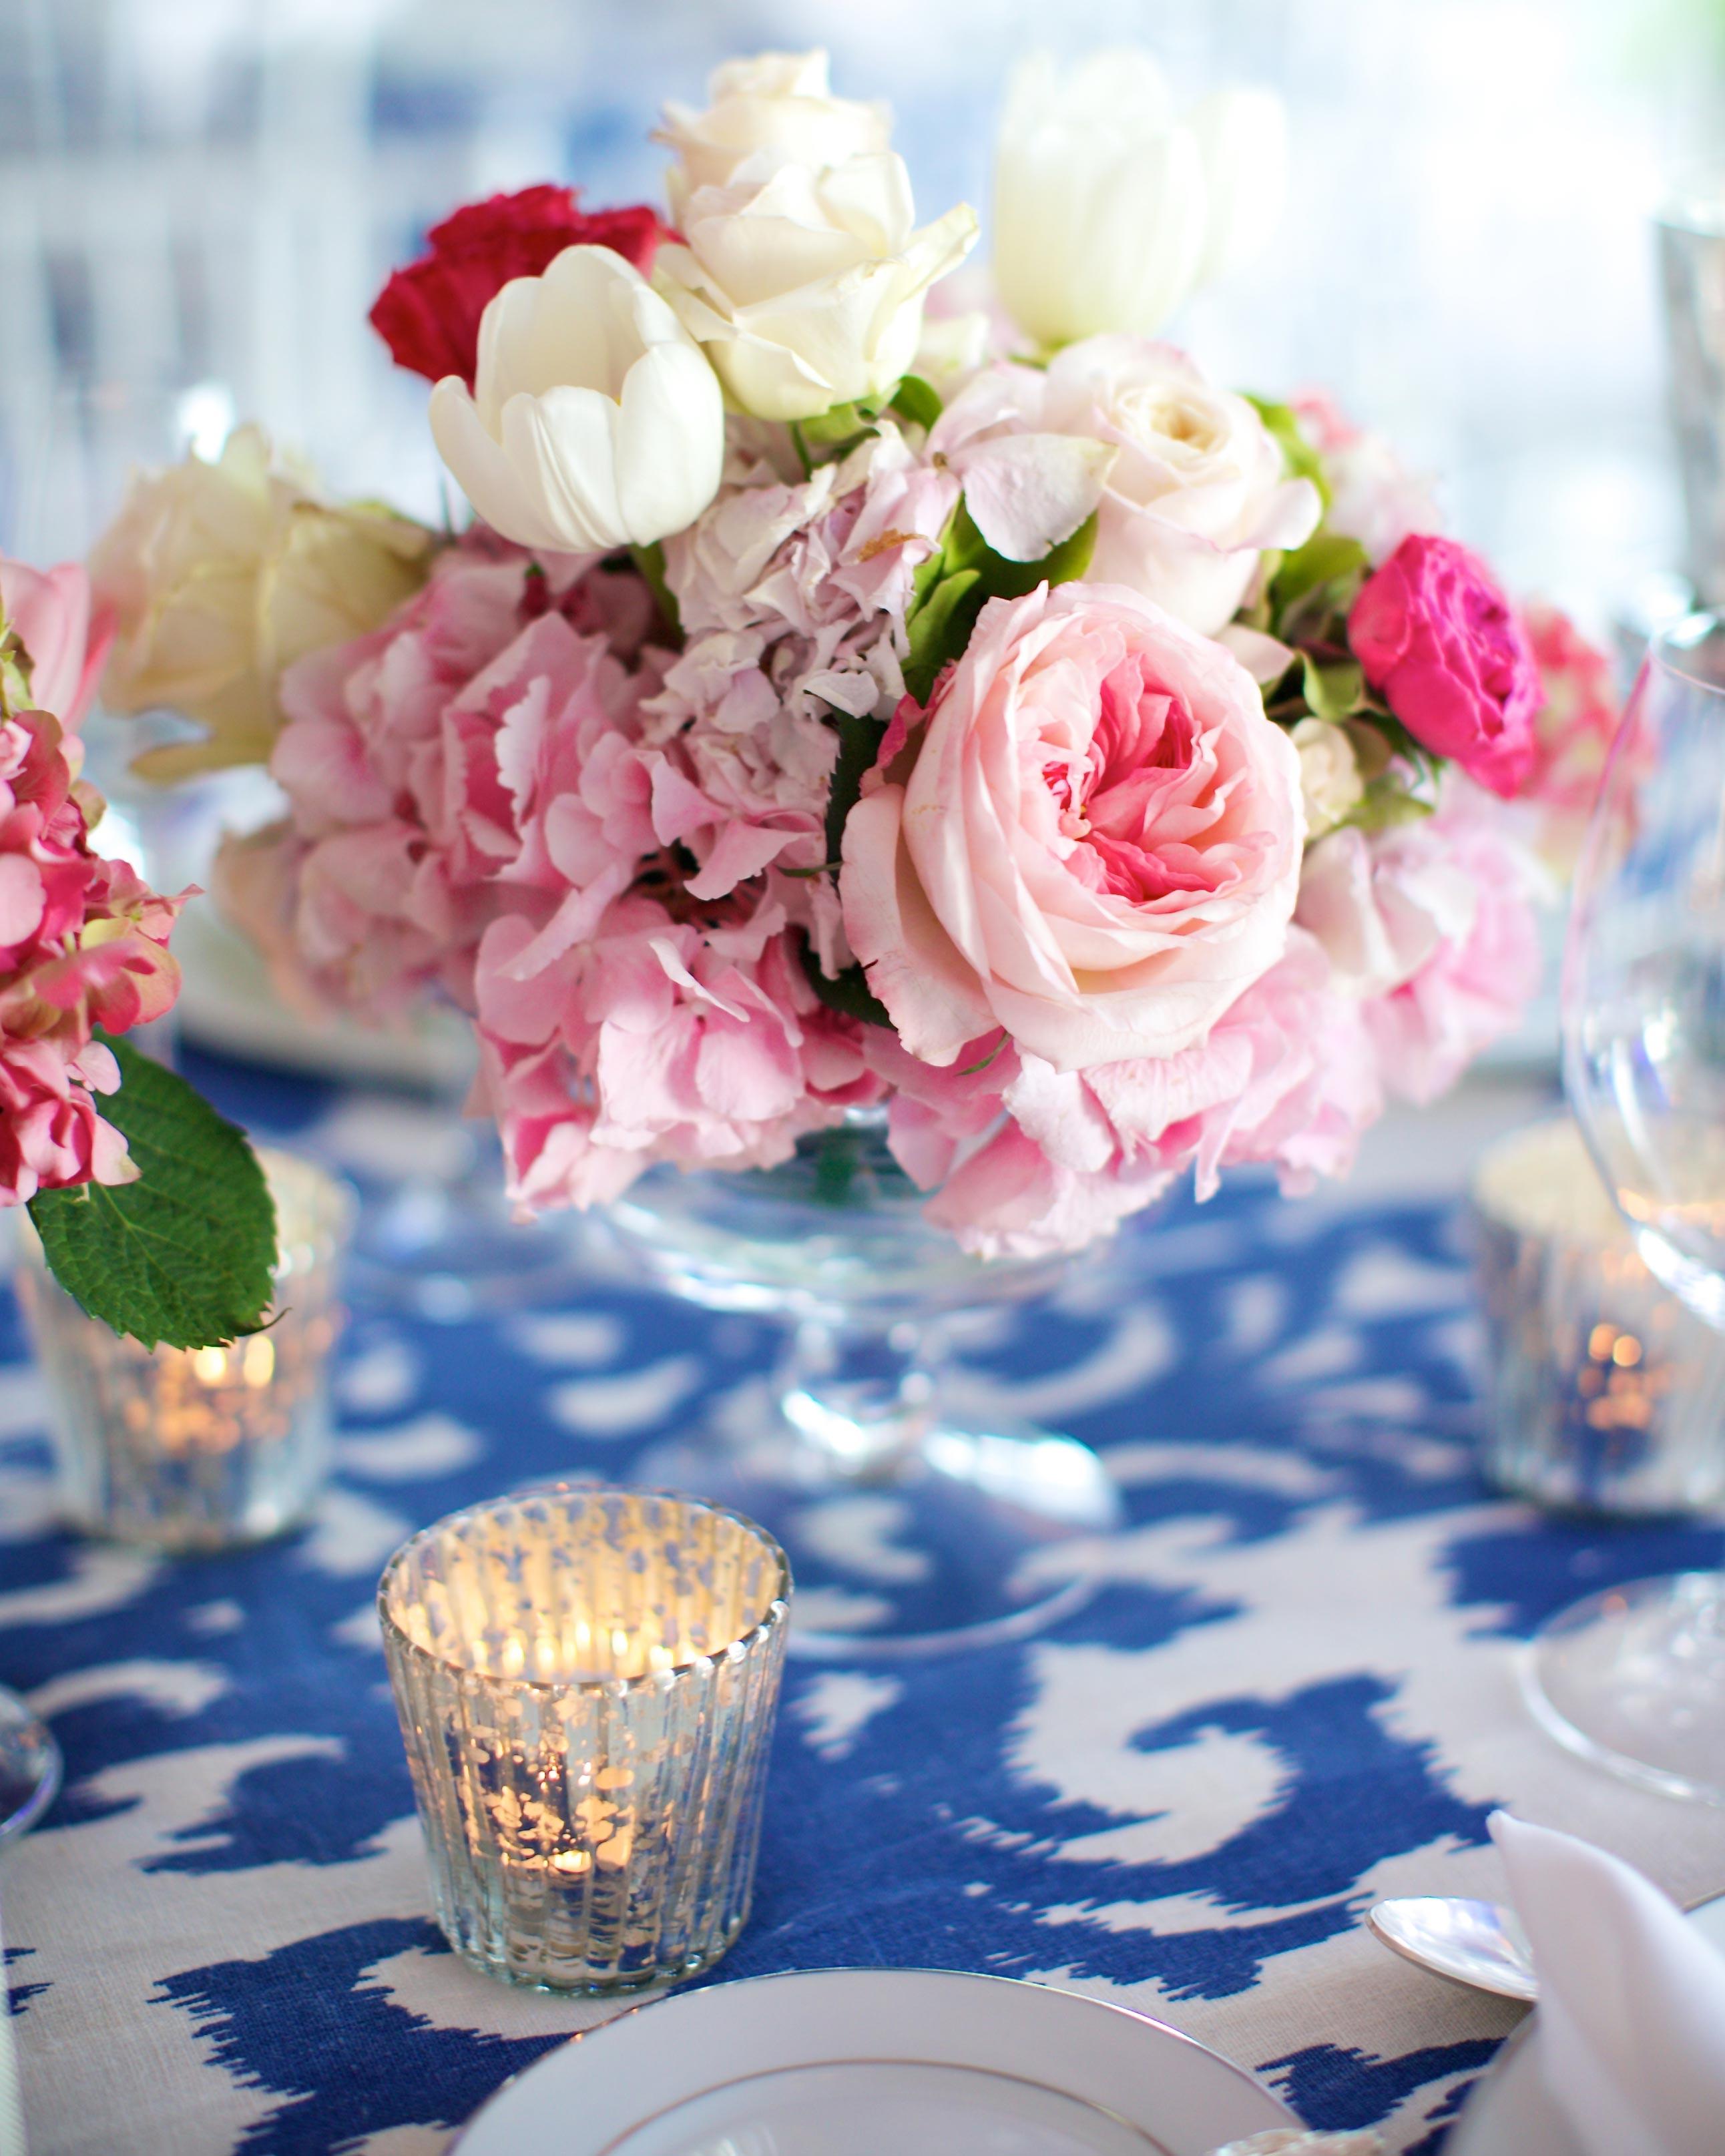 valentines-day-wedding-ideas-centerpiece-0216.jpg